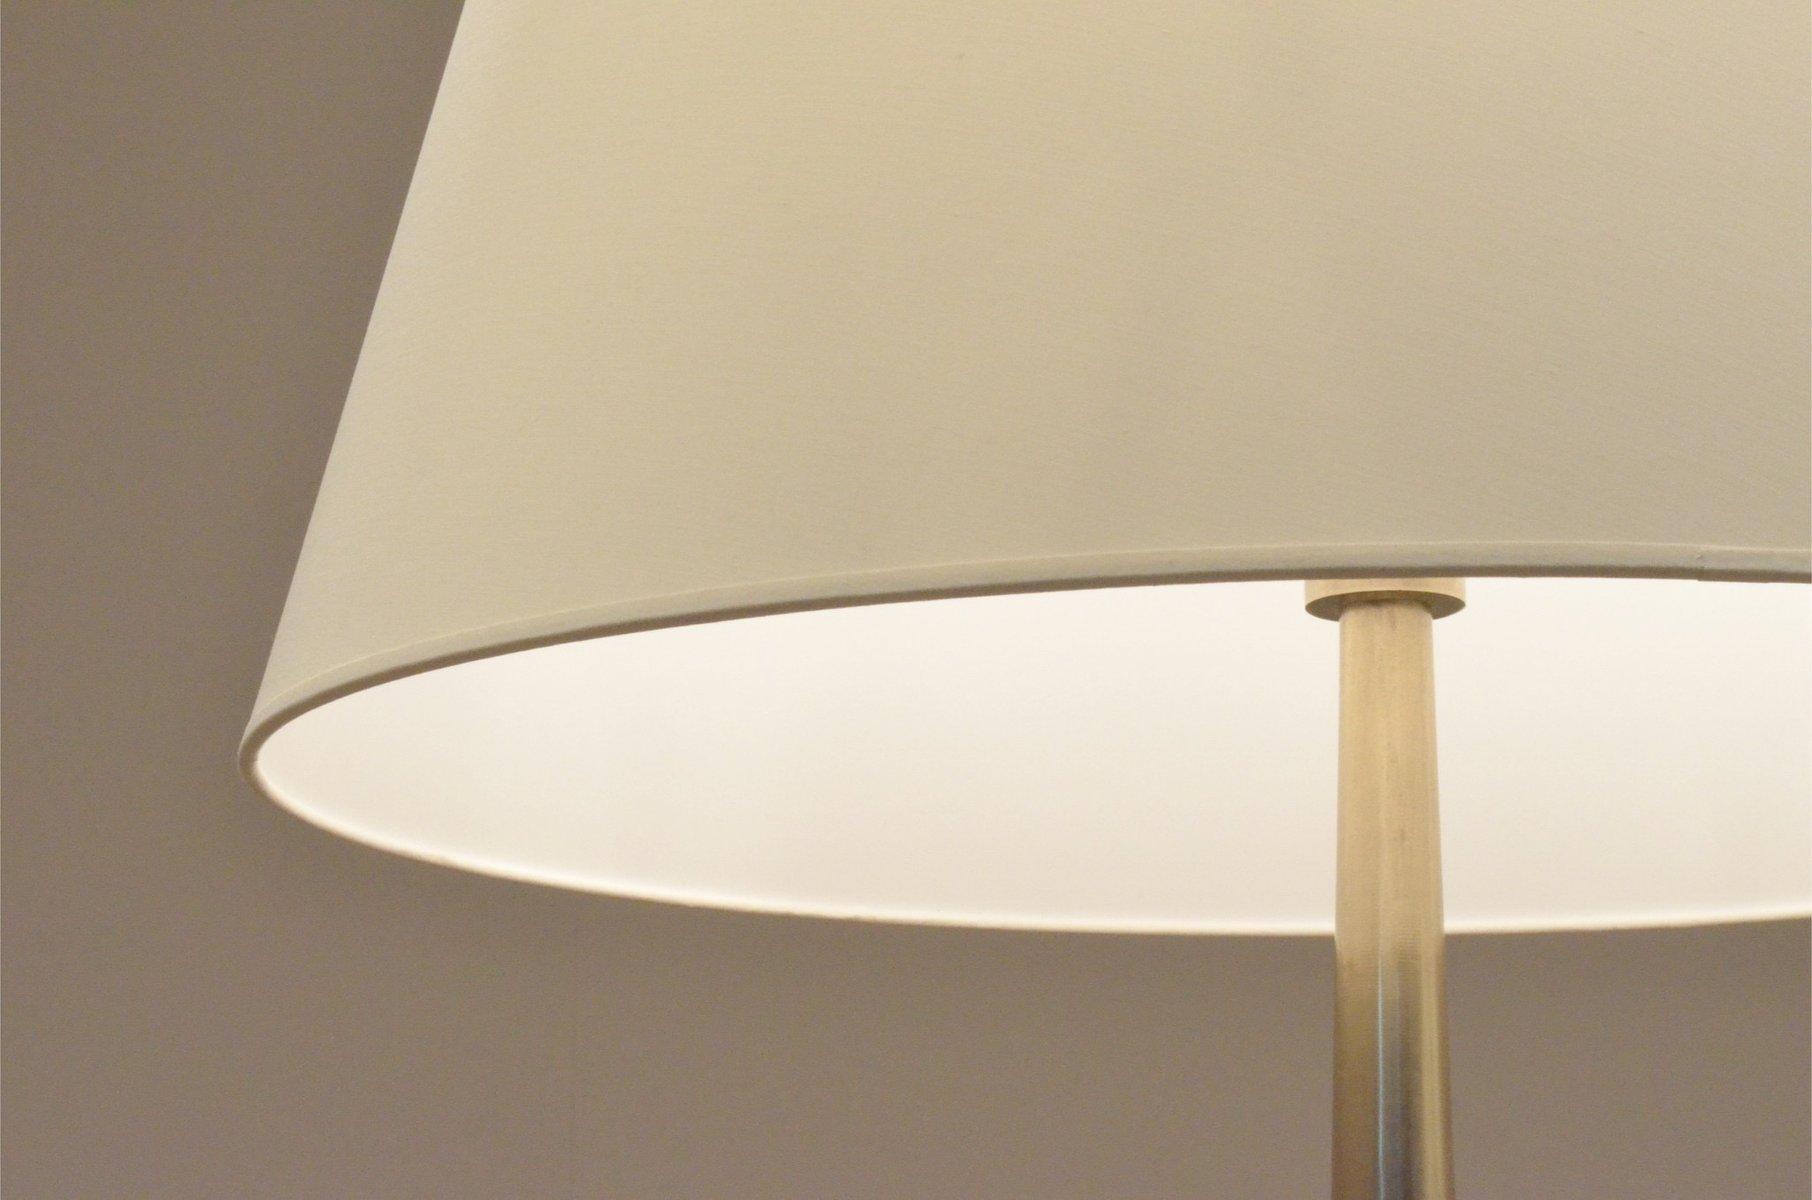 franz sische art deco stehlampe aus messing stoff 1920er bei pamono kaufen. Black Bedroom Furniture Sets. Home Design Ideas